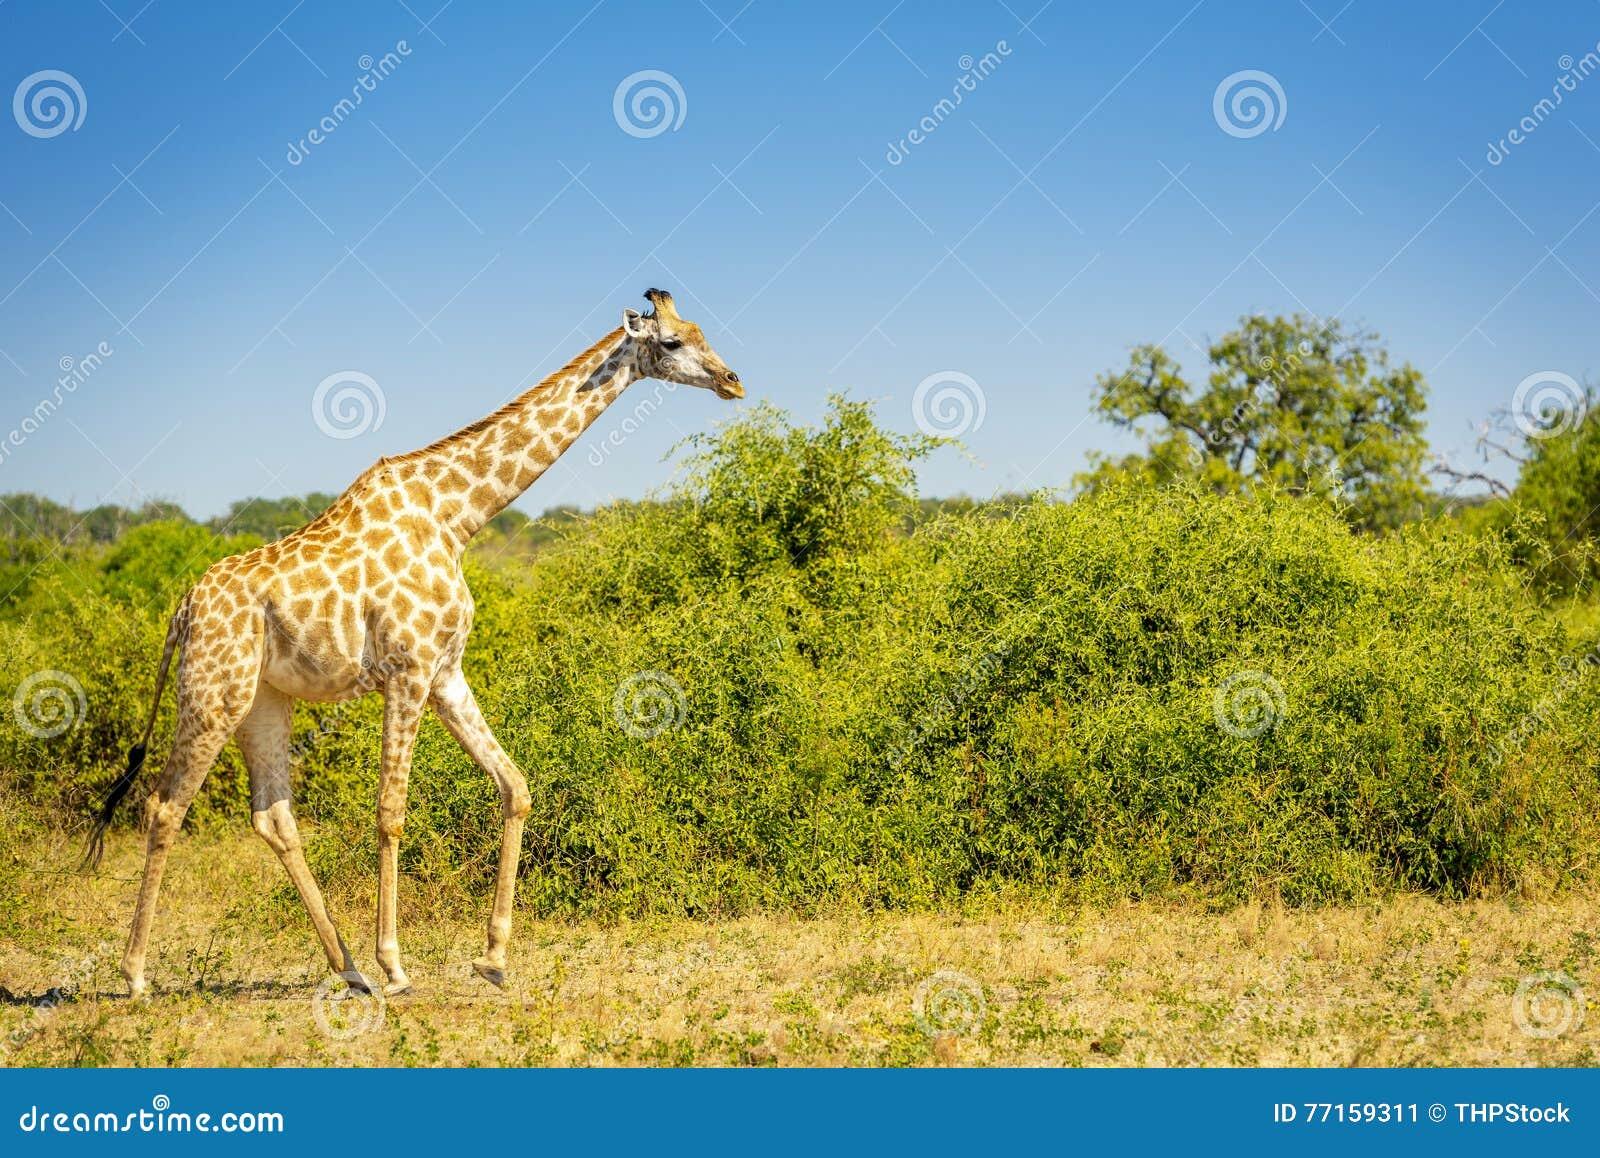 Girafe sauvage en Afrique